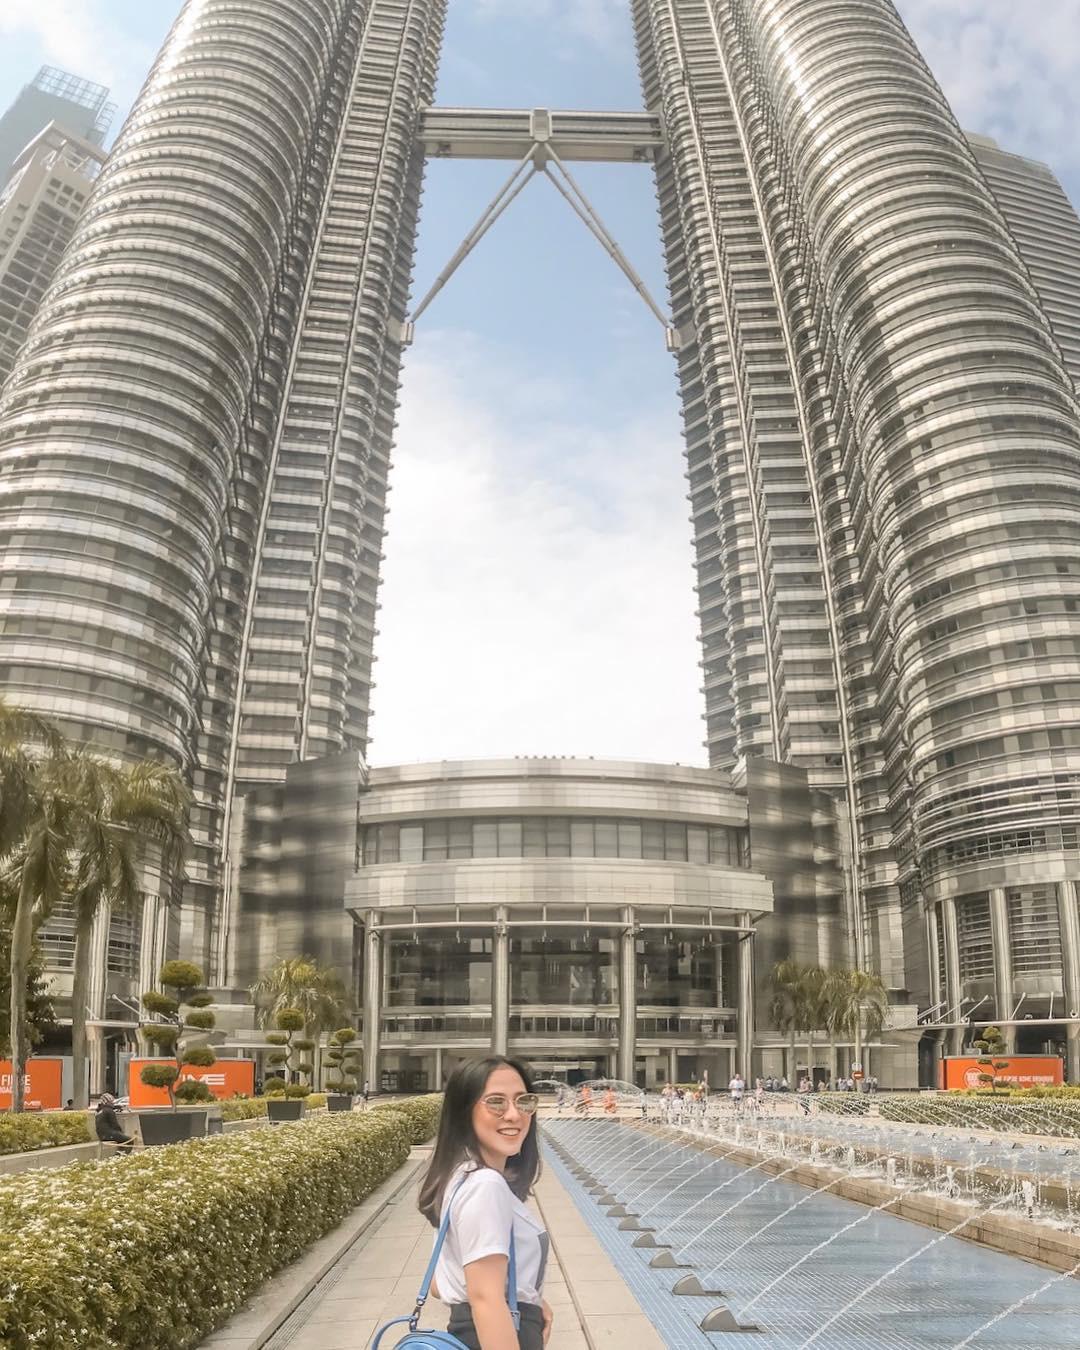 Có cả triệu người chụp ảnh dưới toà tháp Petronas Twin Tower nhưng không phải ai cũng biết bí quyết để có tấm ảnh lung linh nhất - Ảnh 5.